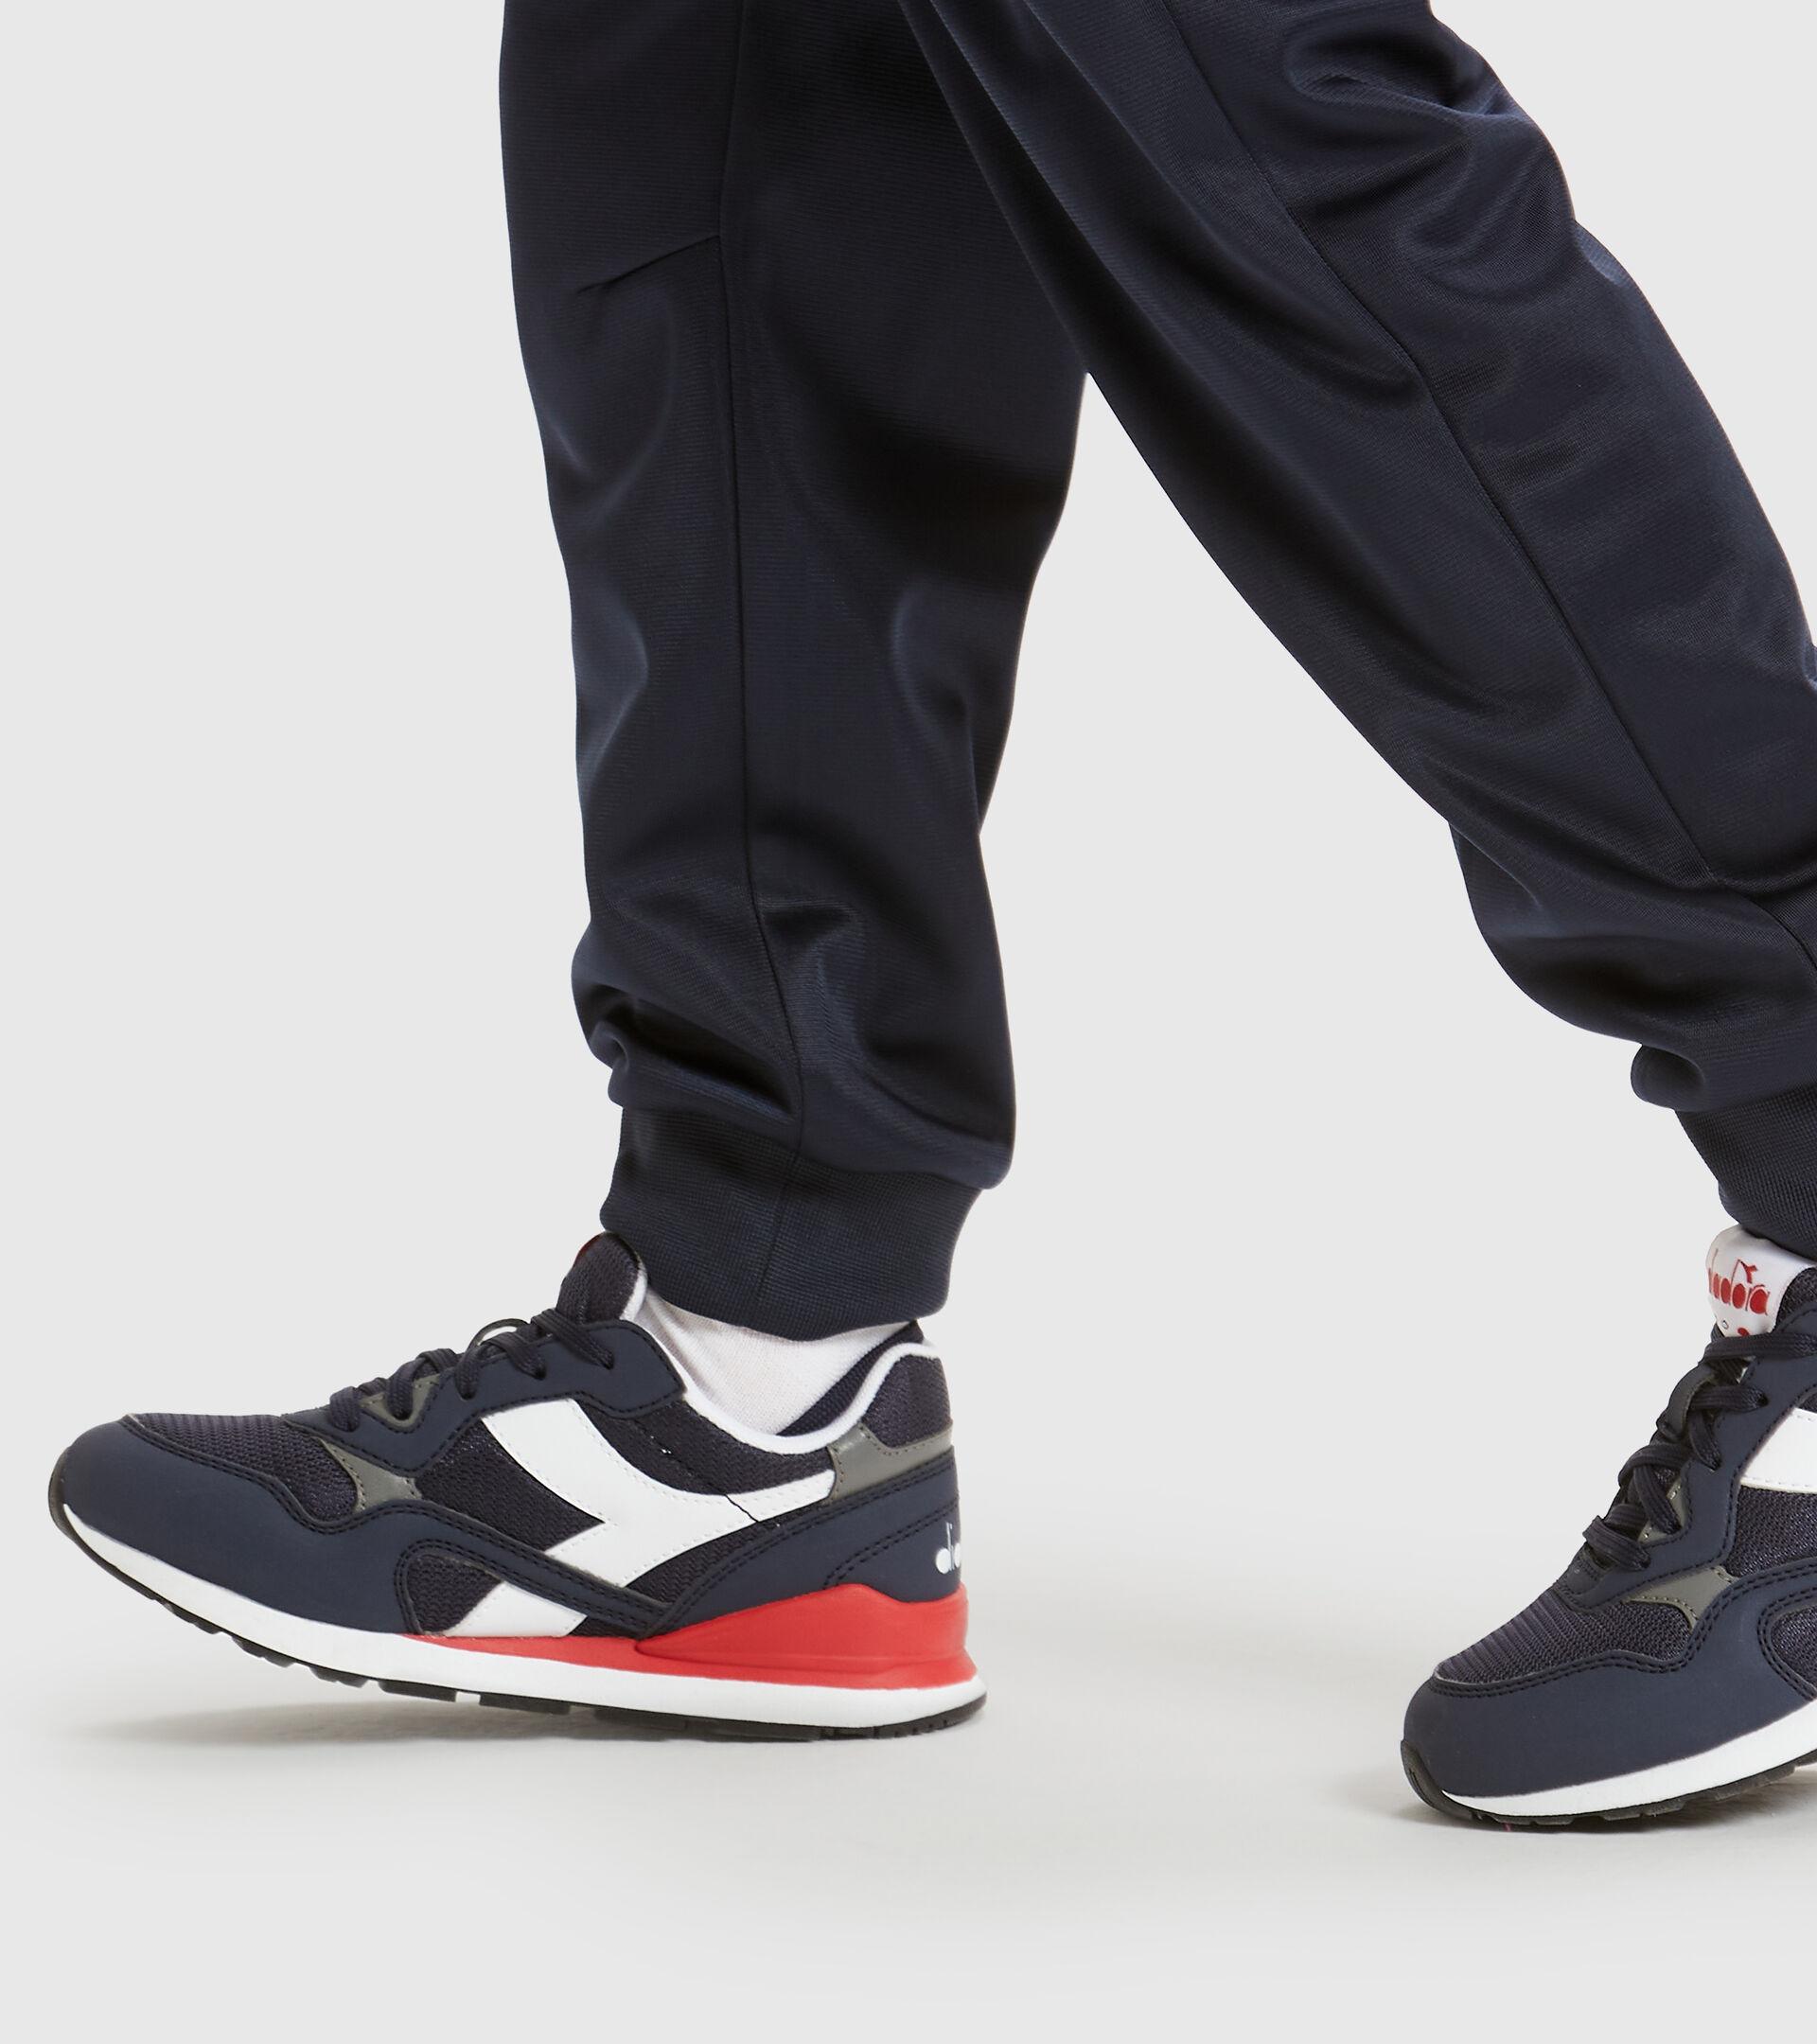 Footwear Sport BAMBINO N.92 PS BLUE CORSAIR Diadora